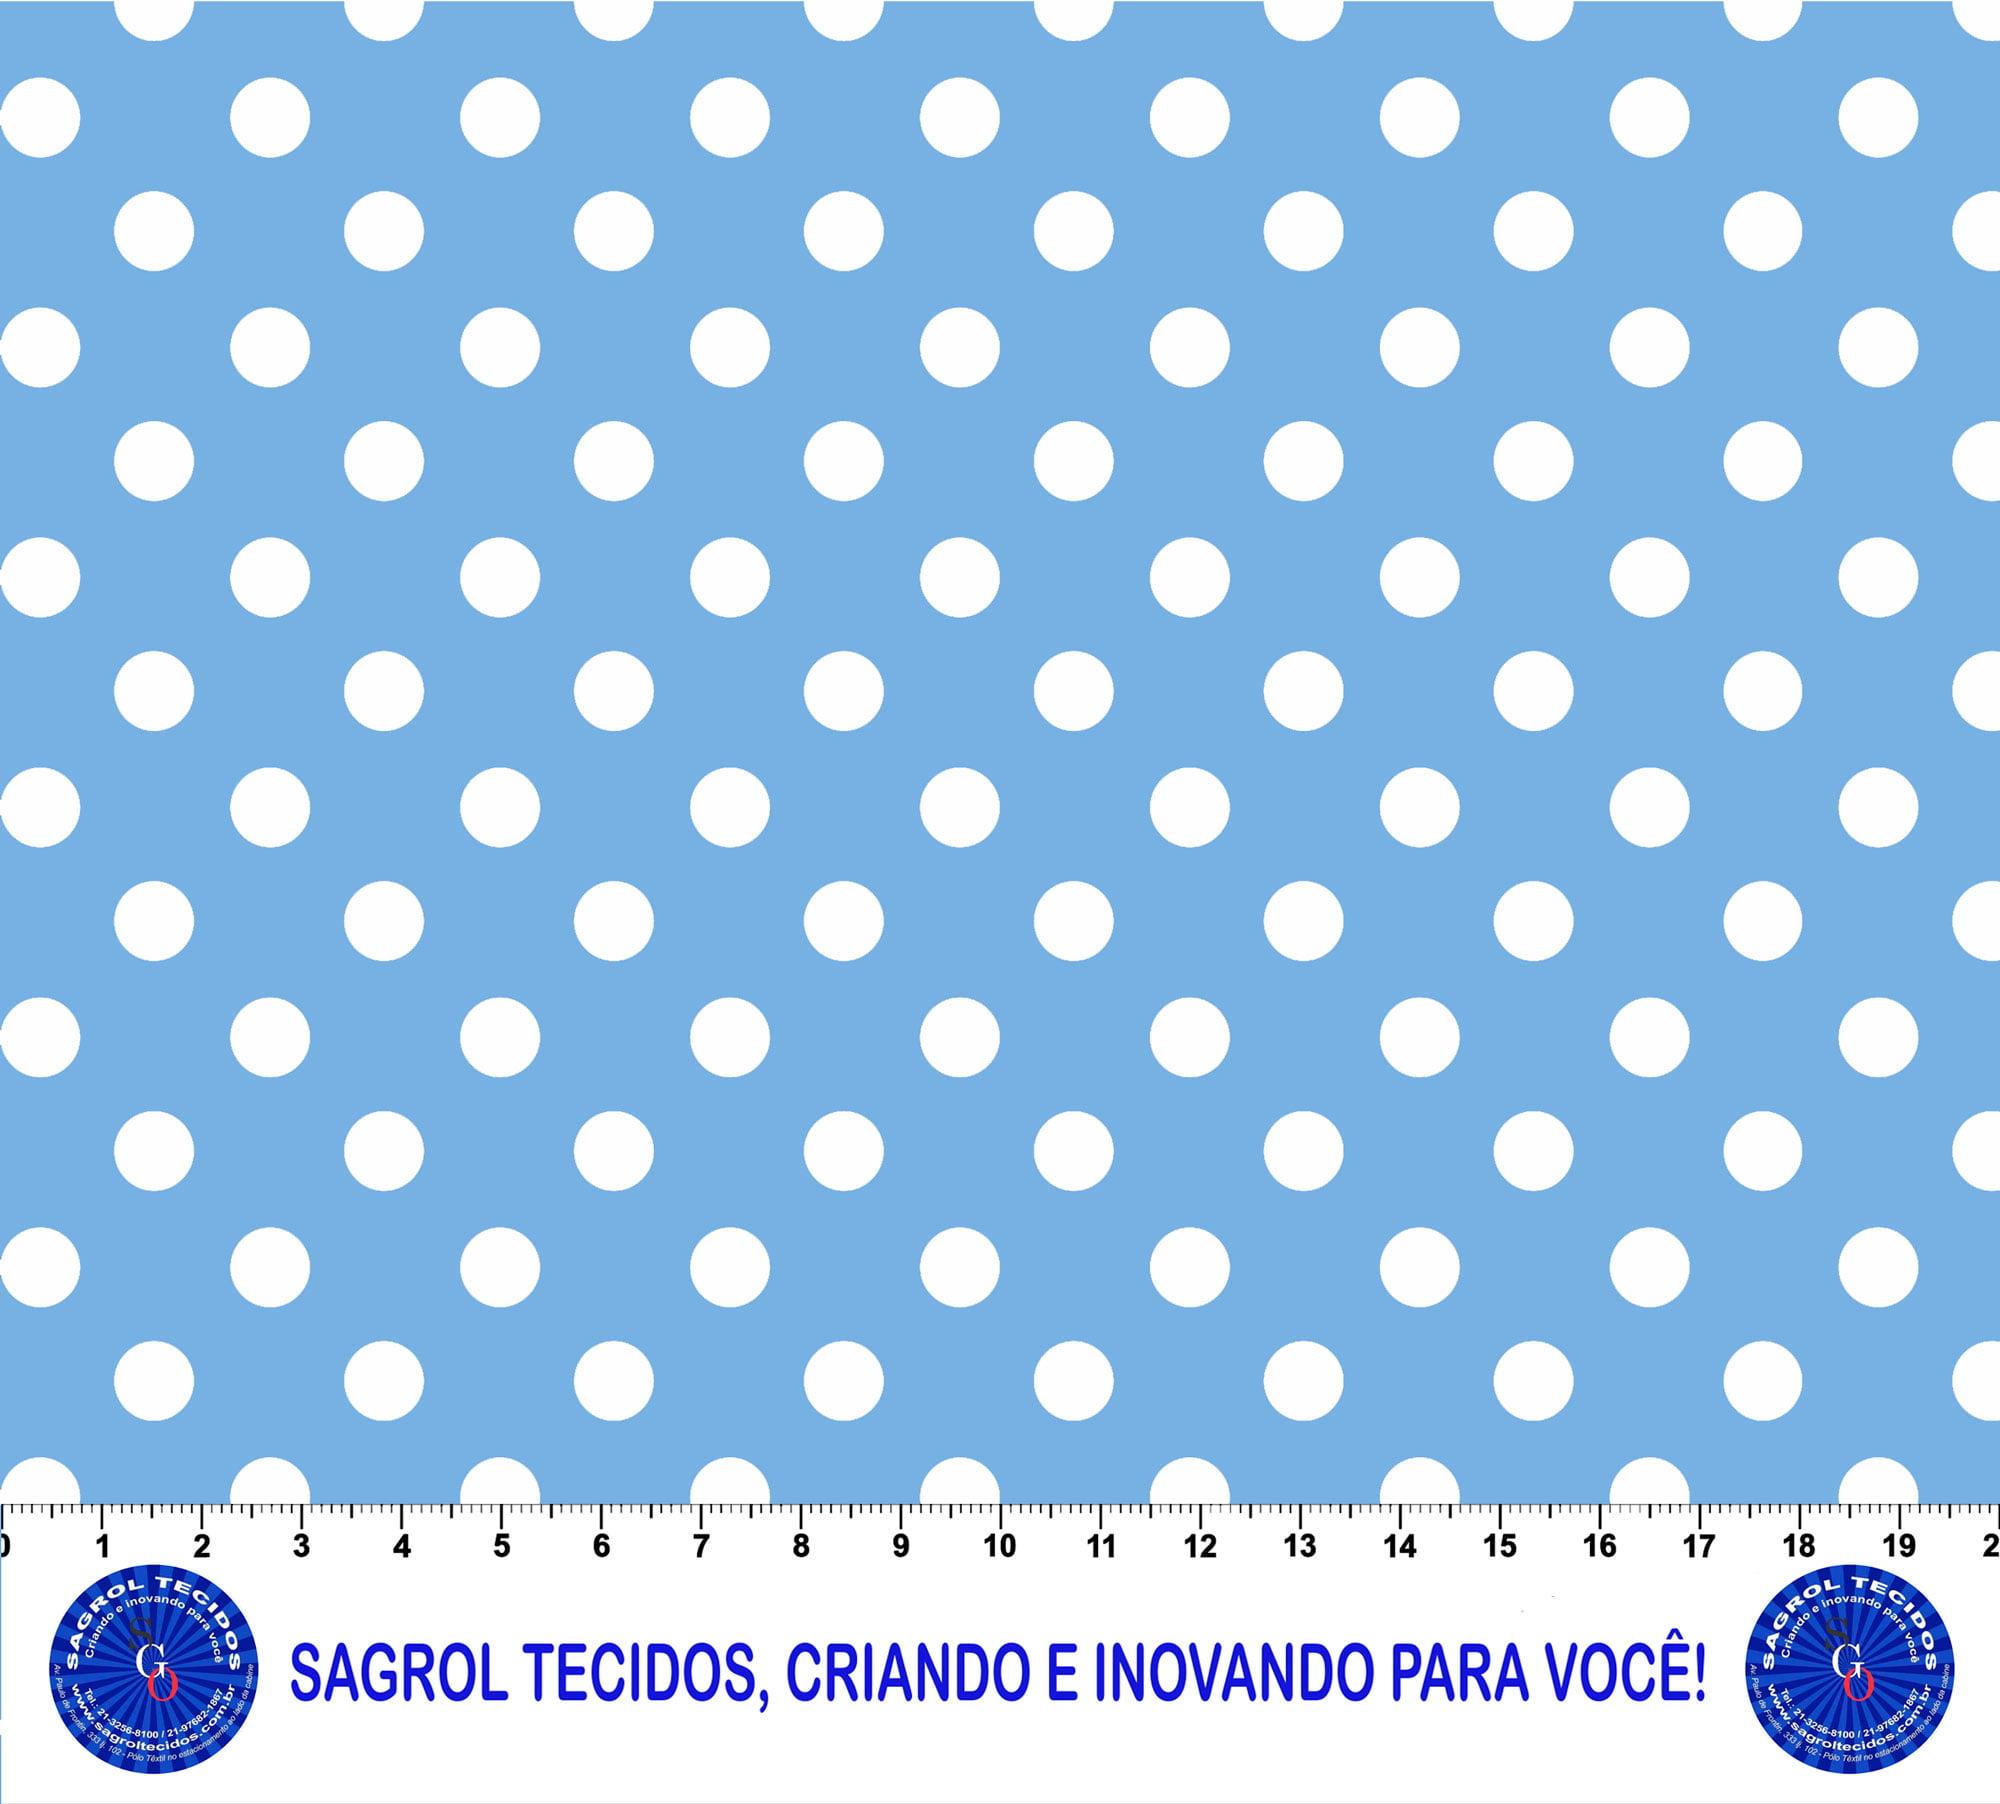 TECIDO TRICOLINE ESTAMPA POÁ CONFETE BRANCO 8 MM FUNDO AZUL BEBÊ 100% ALGODÃO COM 1,50 LG - REF. 578